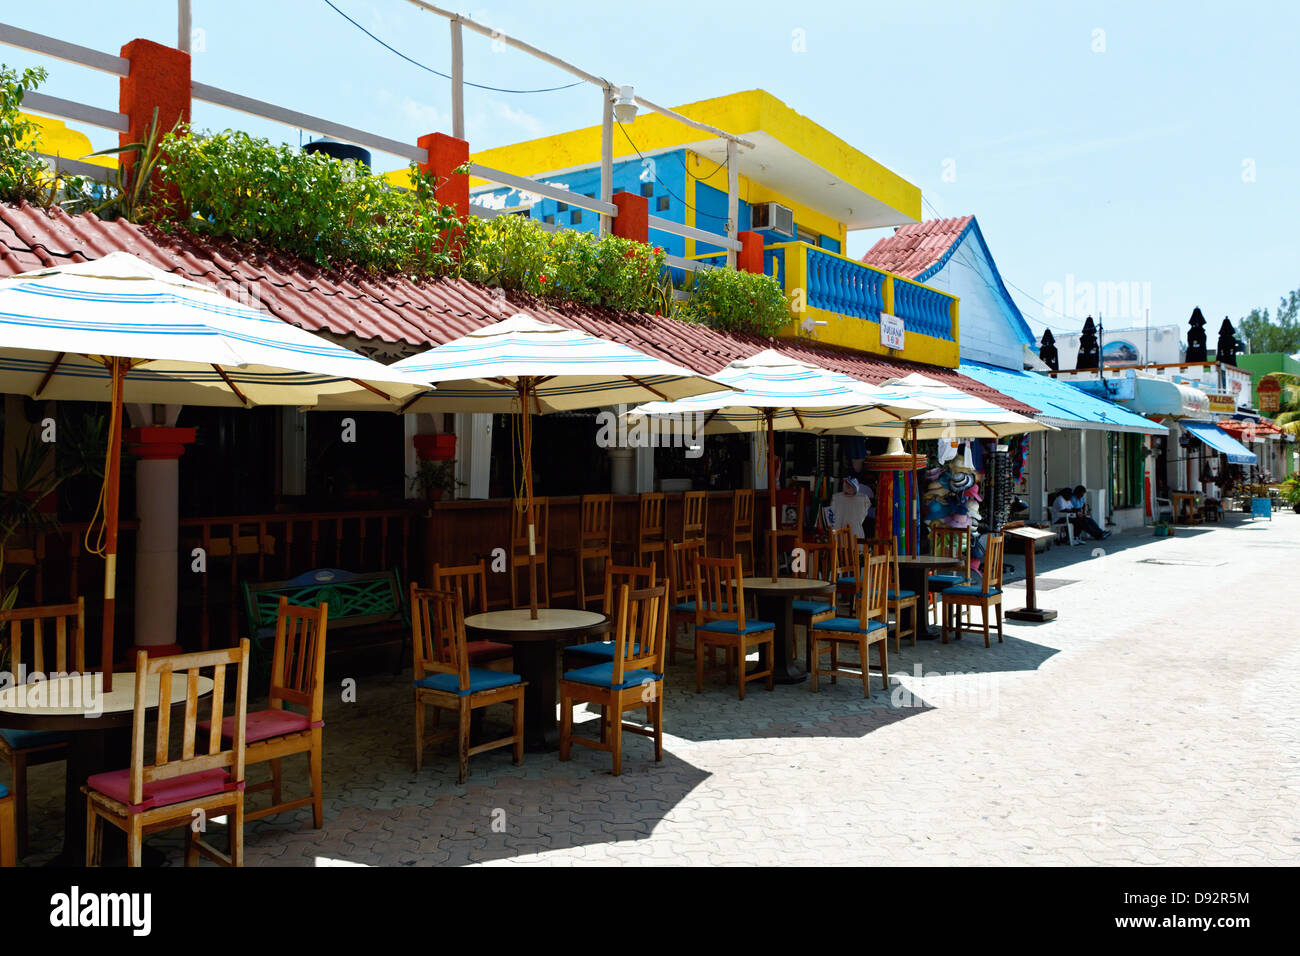 Restaurant Tables Outdoors, Isla Mujeres, Quintana Roo, Mexico - Stock Image